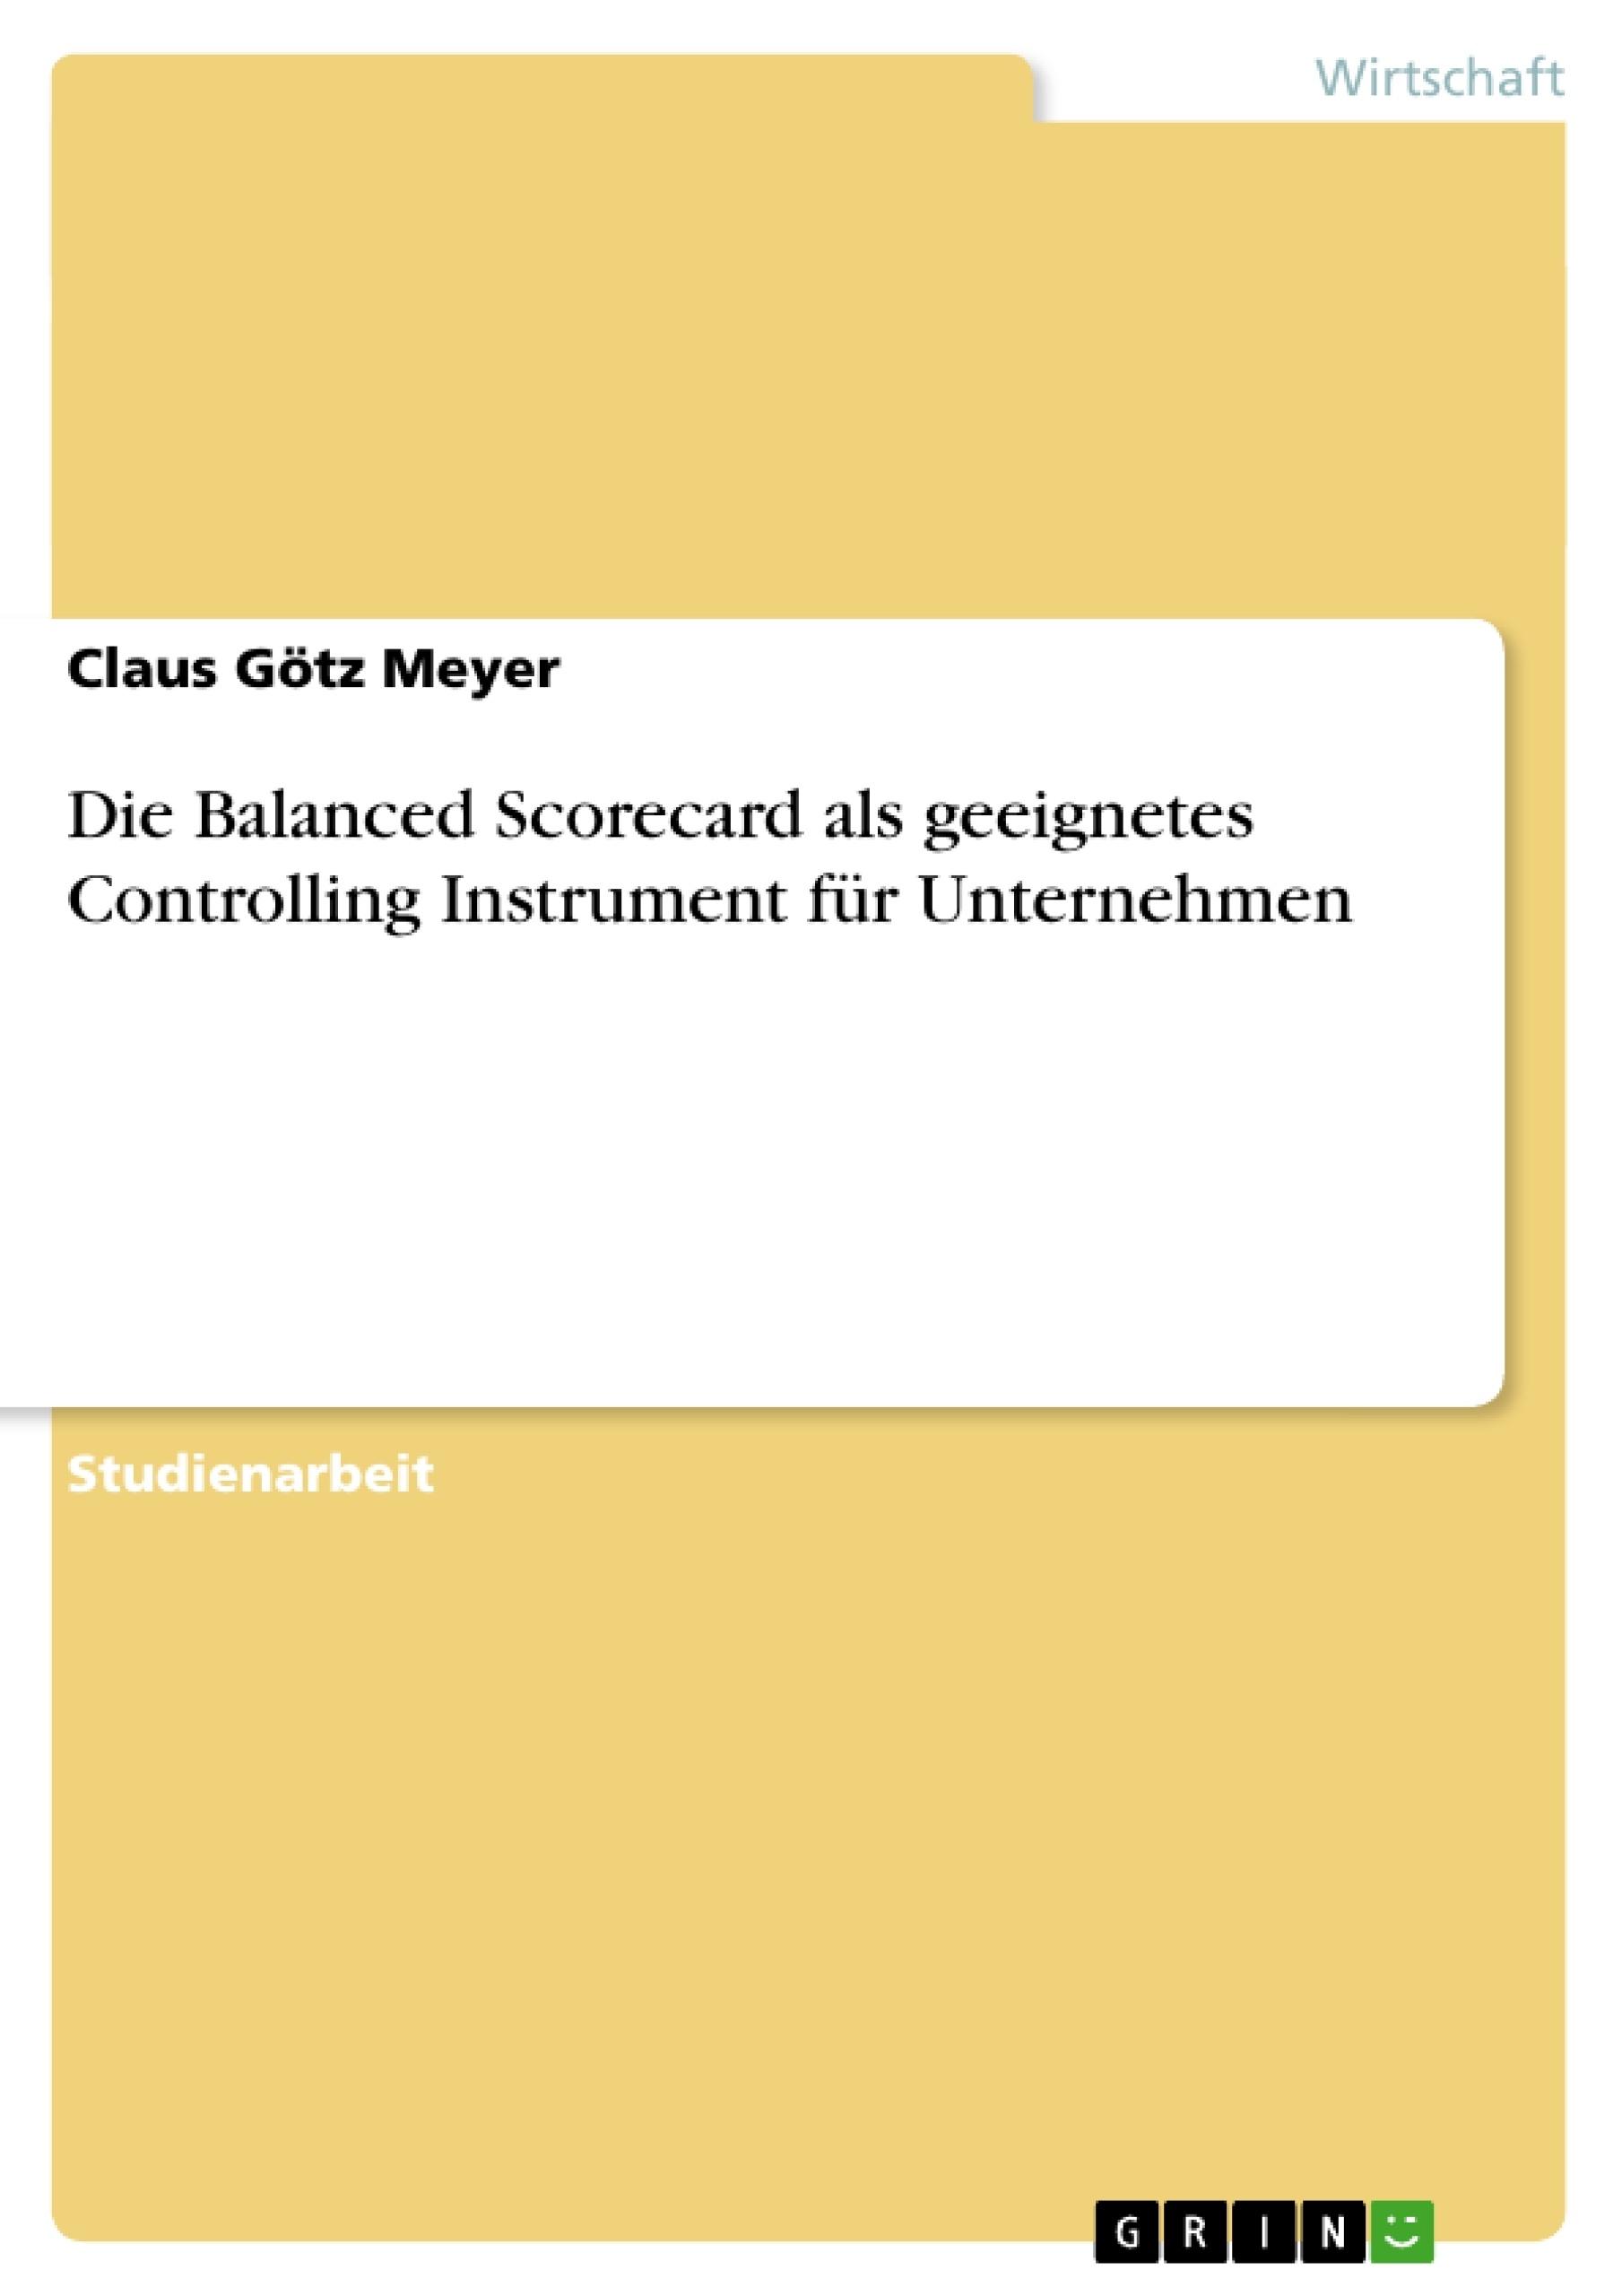 Titel: Die Balanced Scorecard als geeignetes Controlling Instrument für Unternehmen